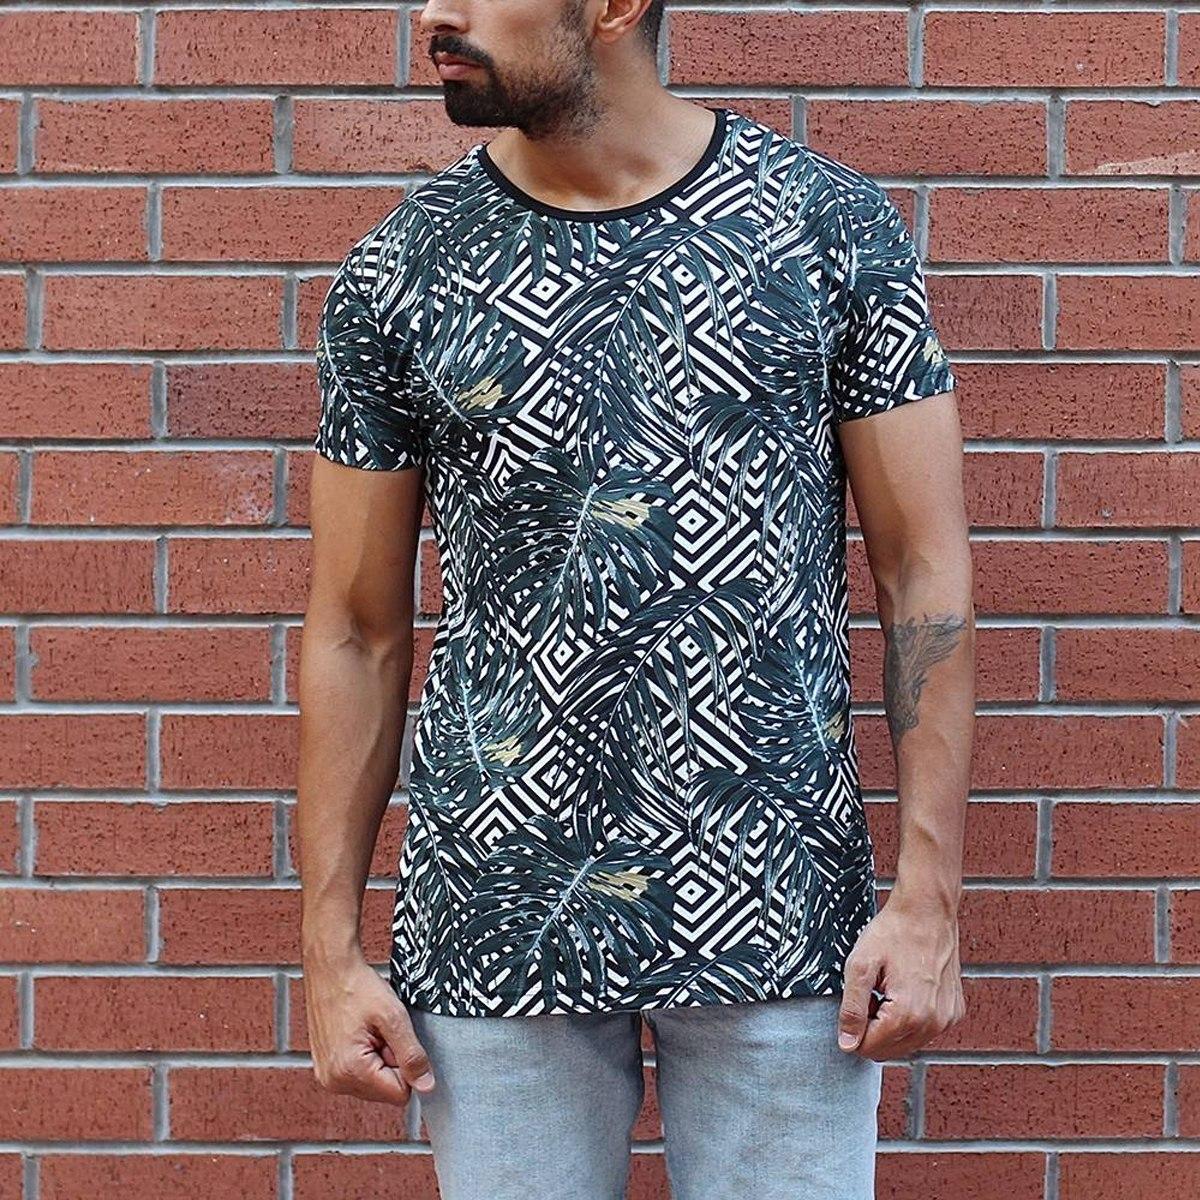 Herren T-Shirt mit Blättermuster